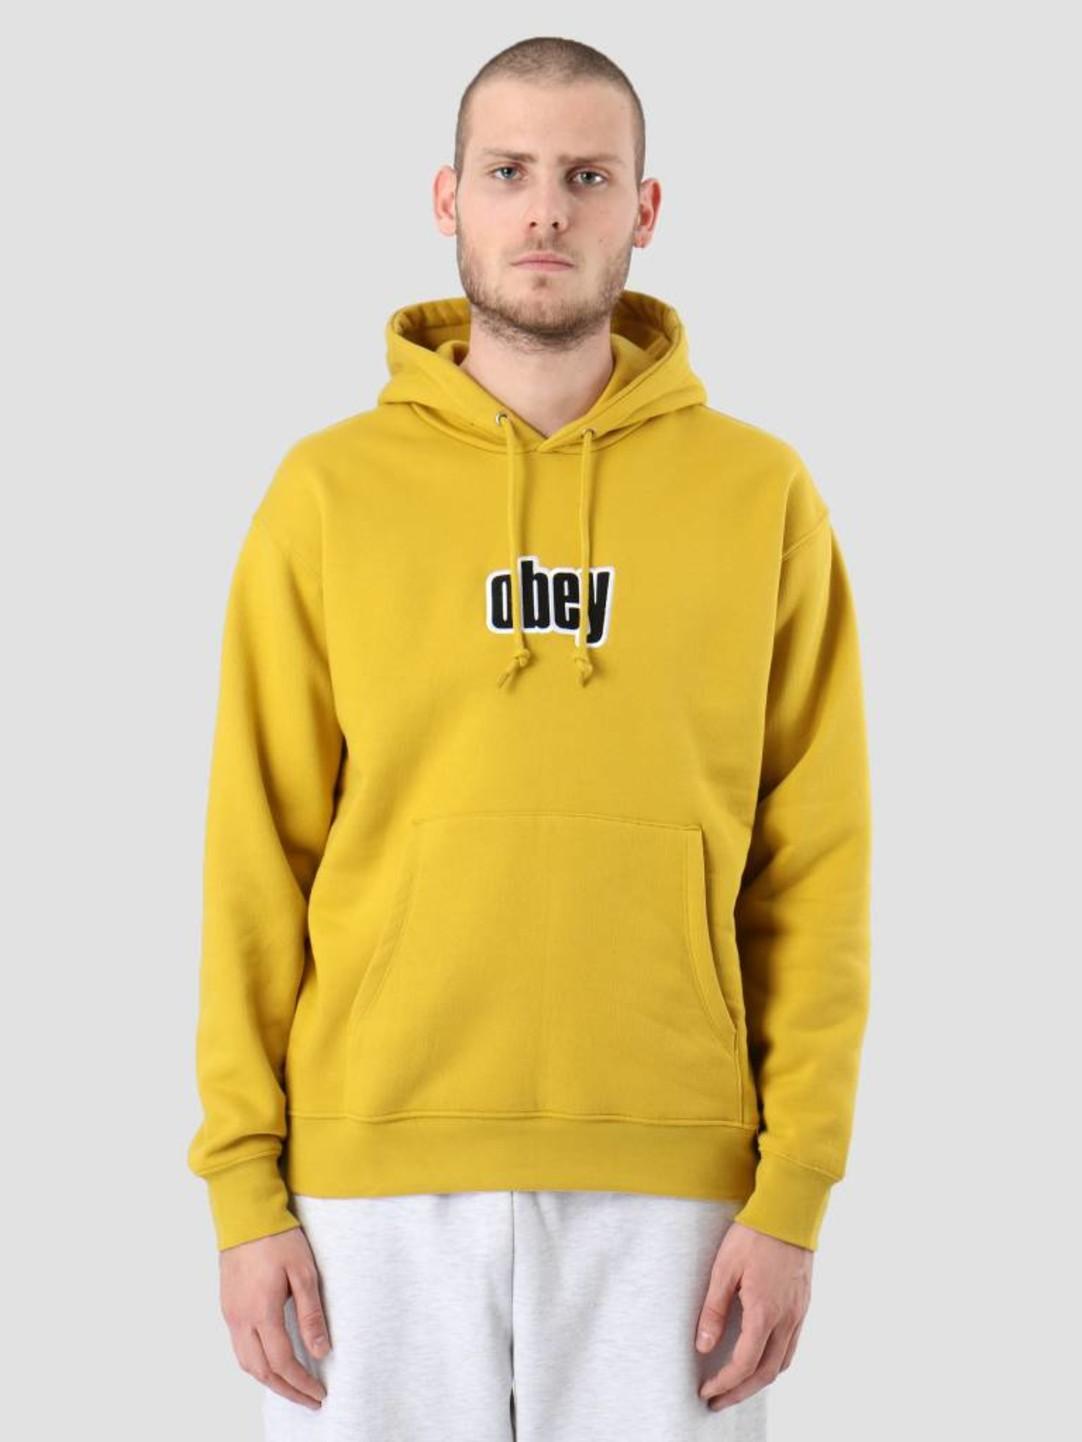 Obey Obey Warp Hood Golden olive 112470036-GLD